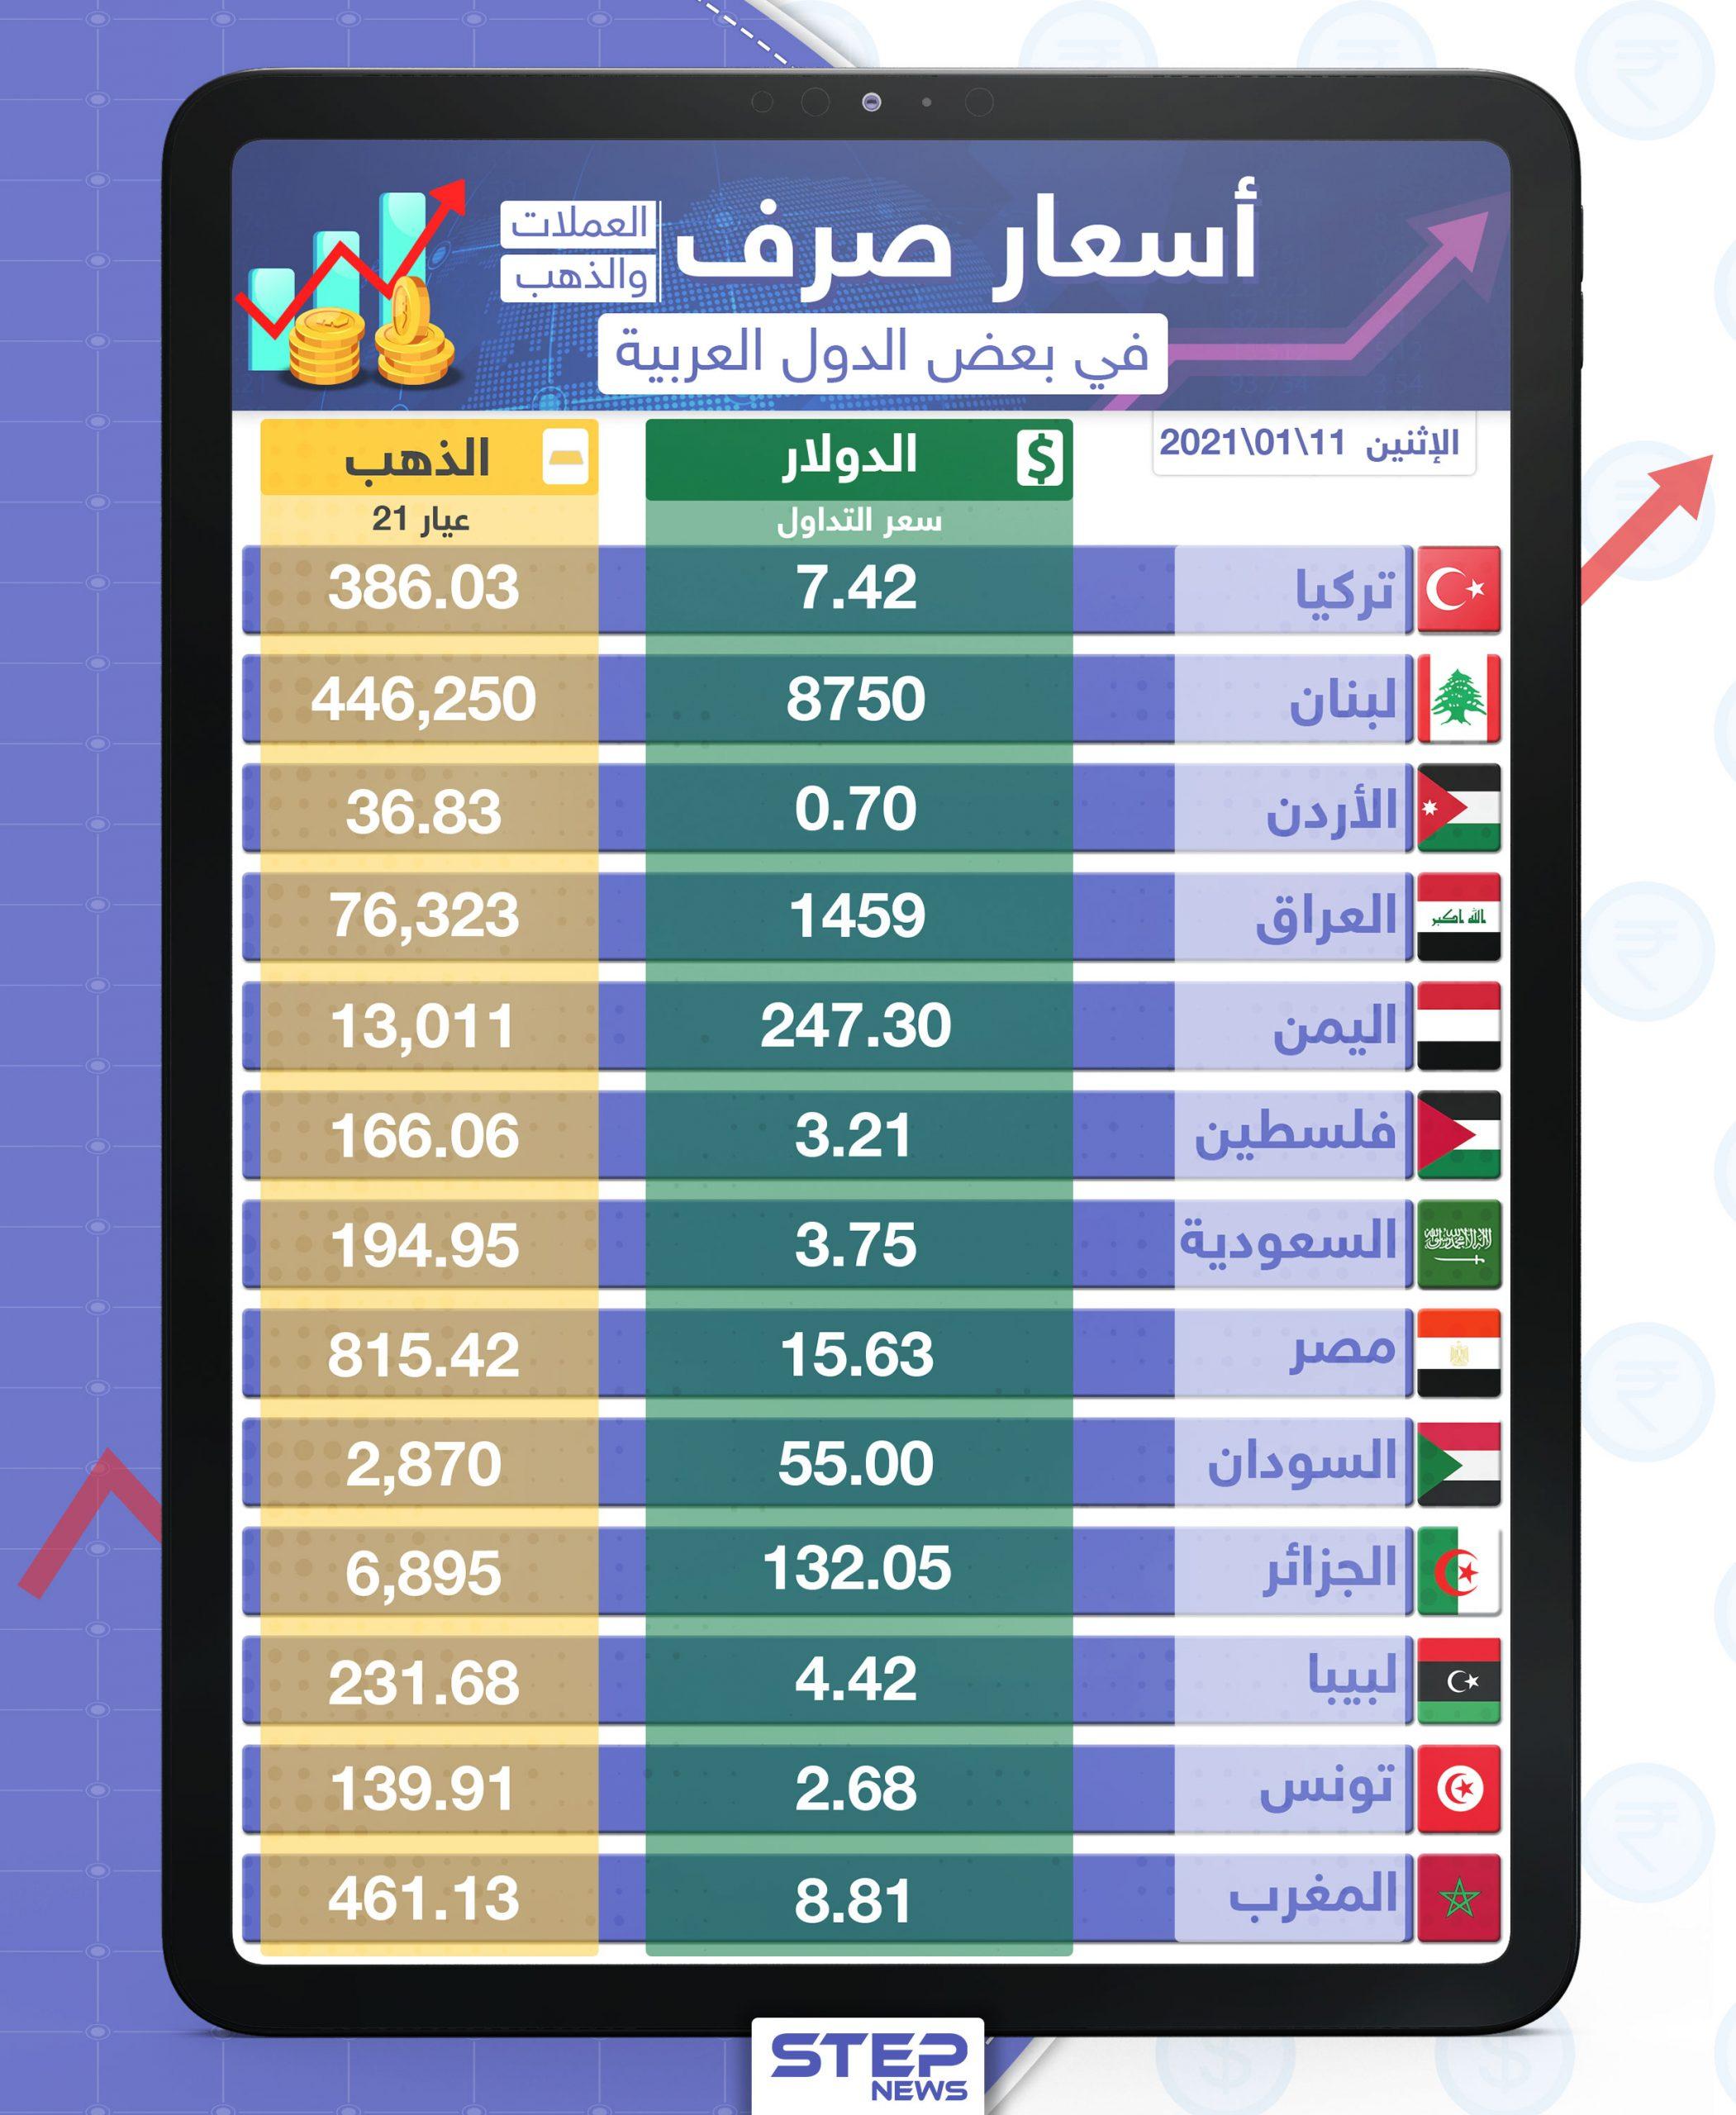 أسعار الذهب والعملات للدول العربية وتركيا اليوم الاثنين الموافق 11 كانون الثاني 2021